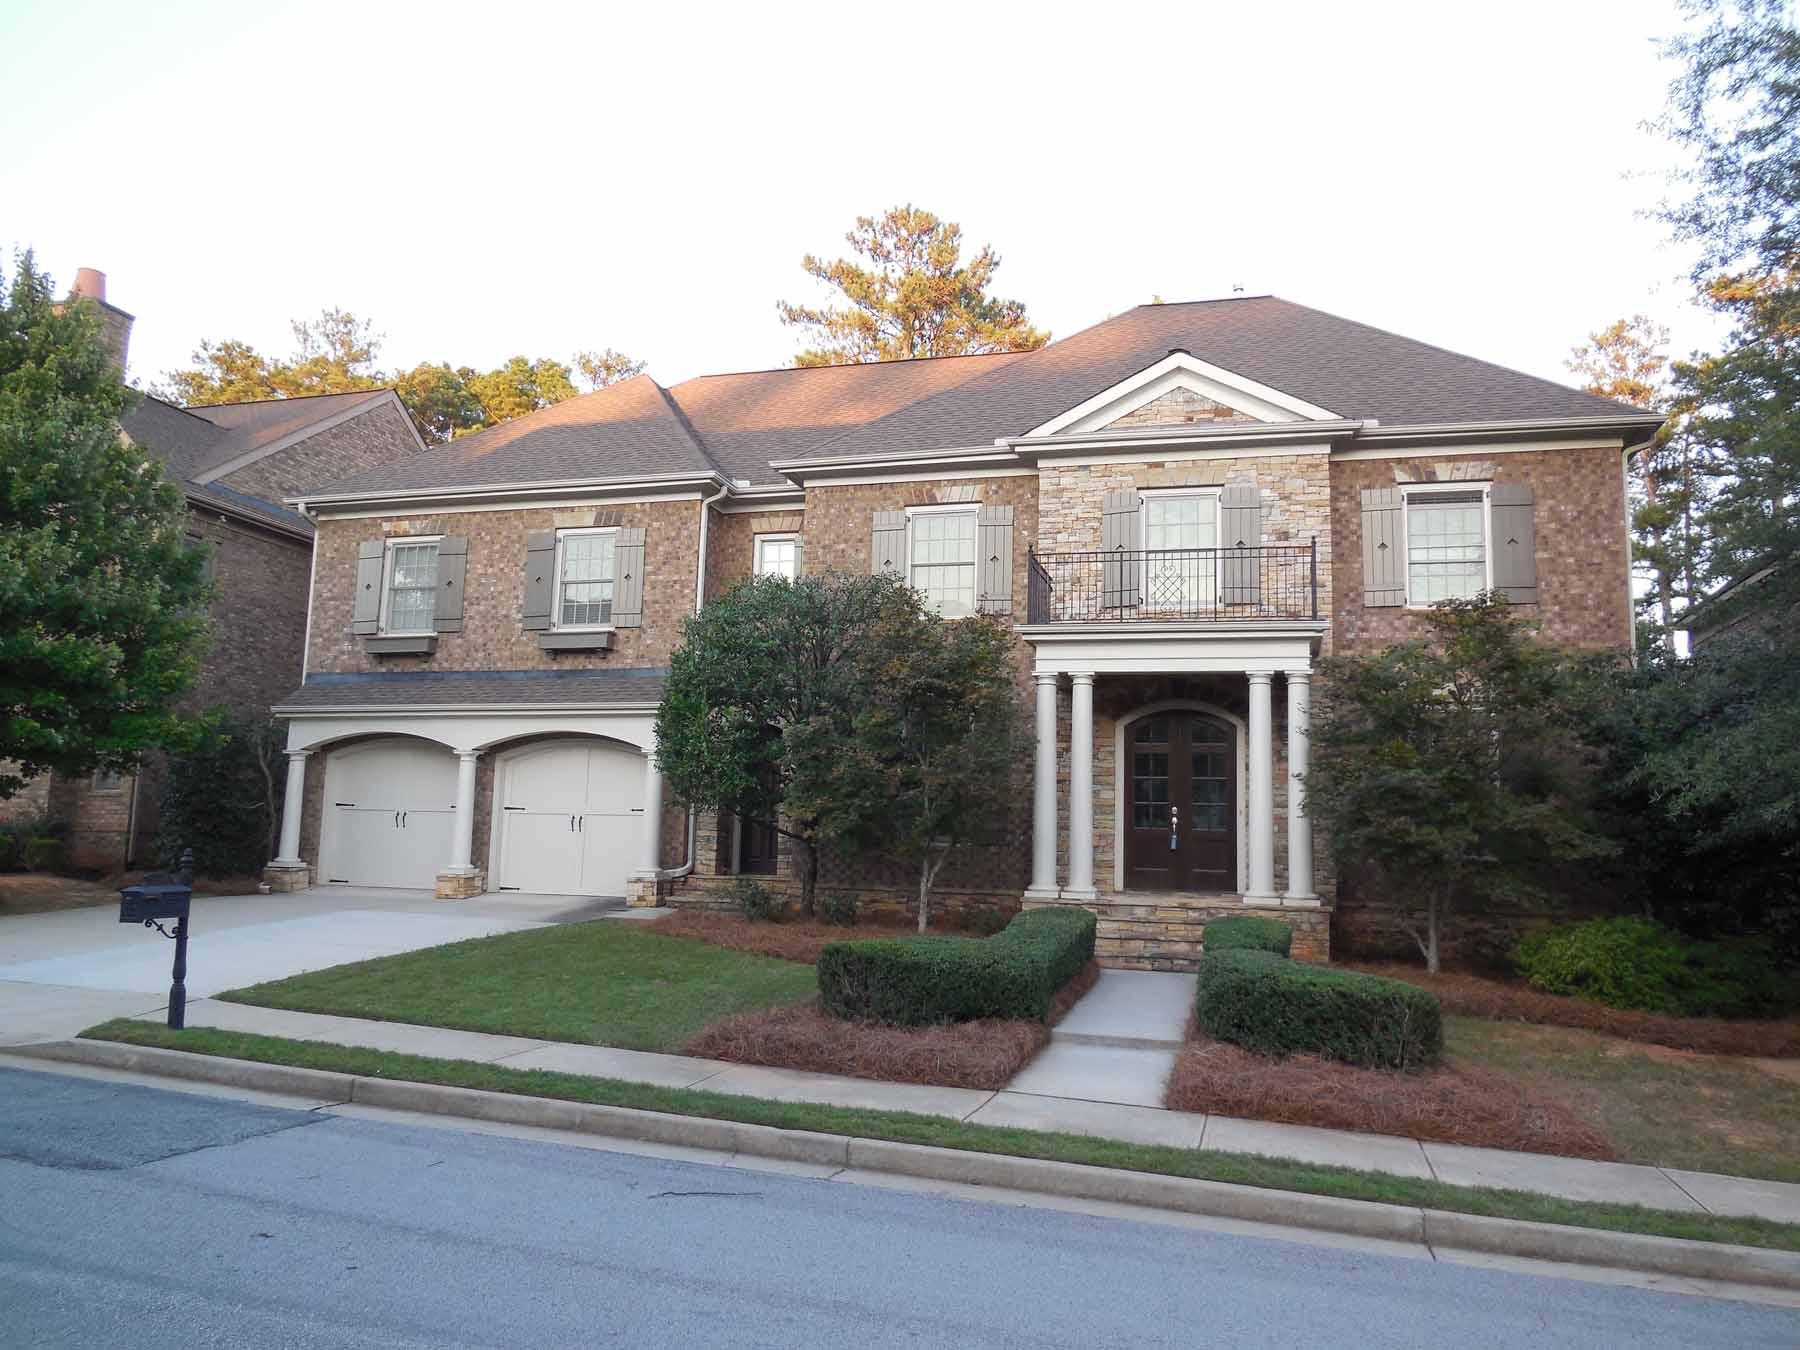 Einfamilienhaus für Verkauf beim Gorgeous Brick and Stone Home in Weston 7870 Georgetown Circle Suwanee, Georgia, 30024 Vereinigte Staaten